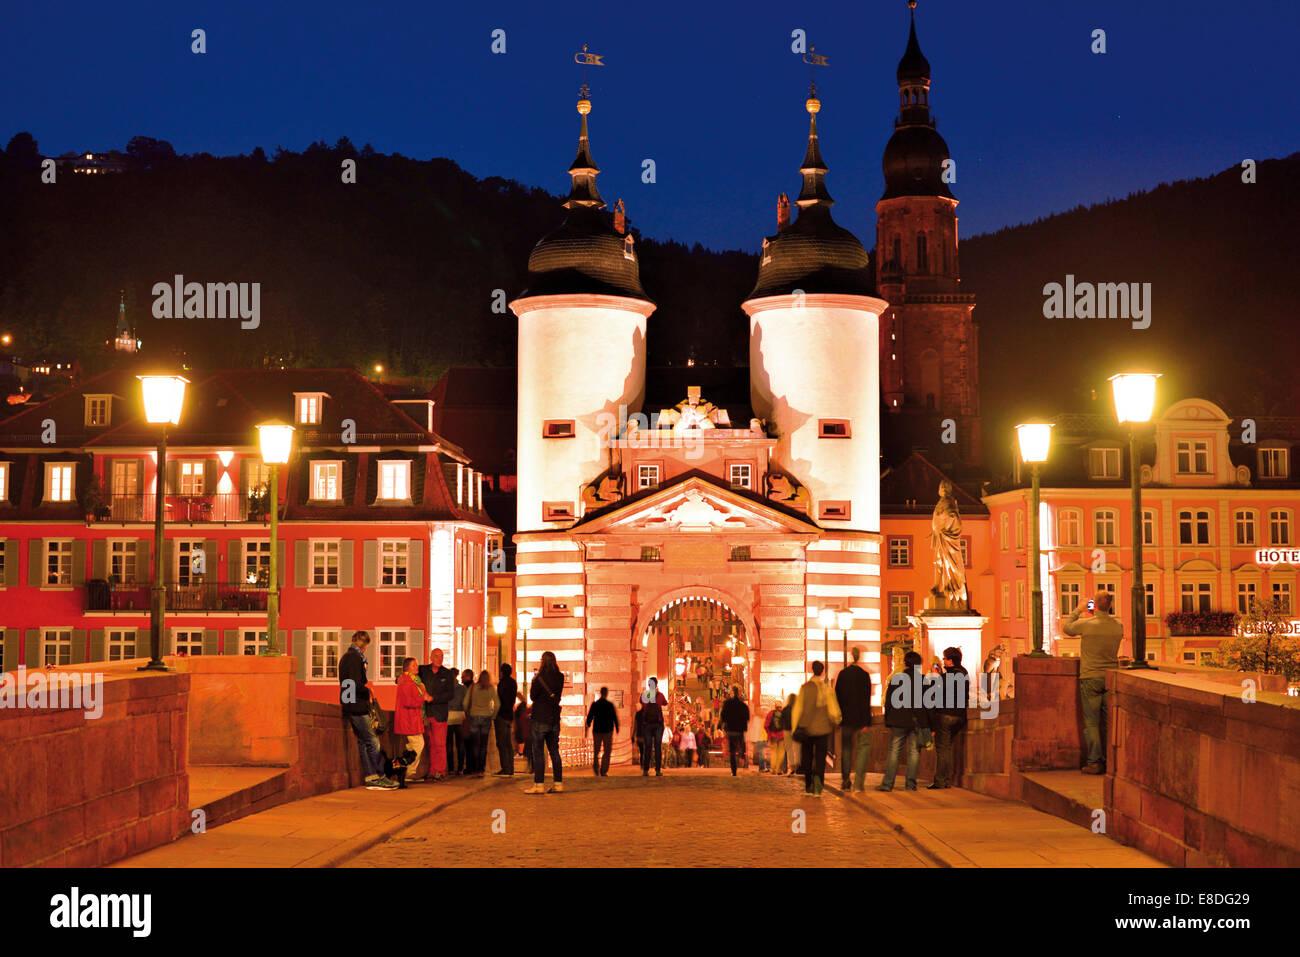 Deutschland: Nächtlicher Blick auf das mittelalterliche Portal der Heidelberg´s alte Brücke Stockbild